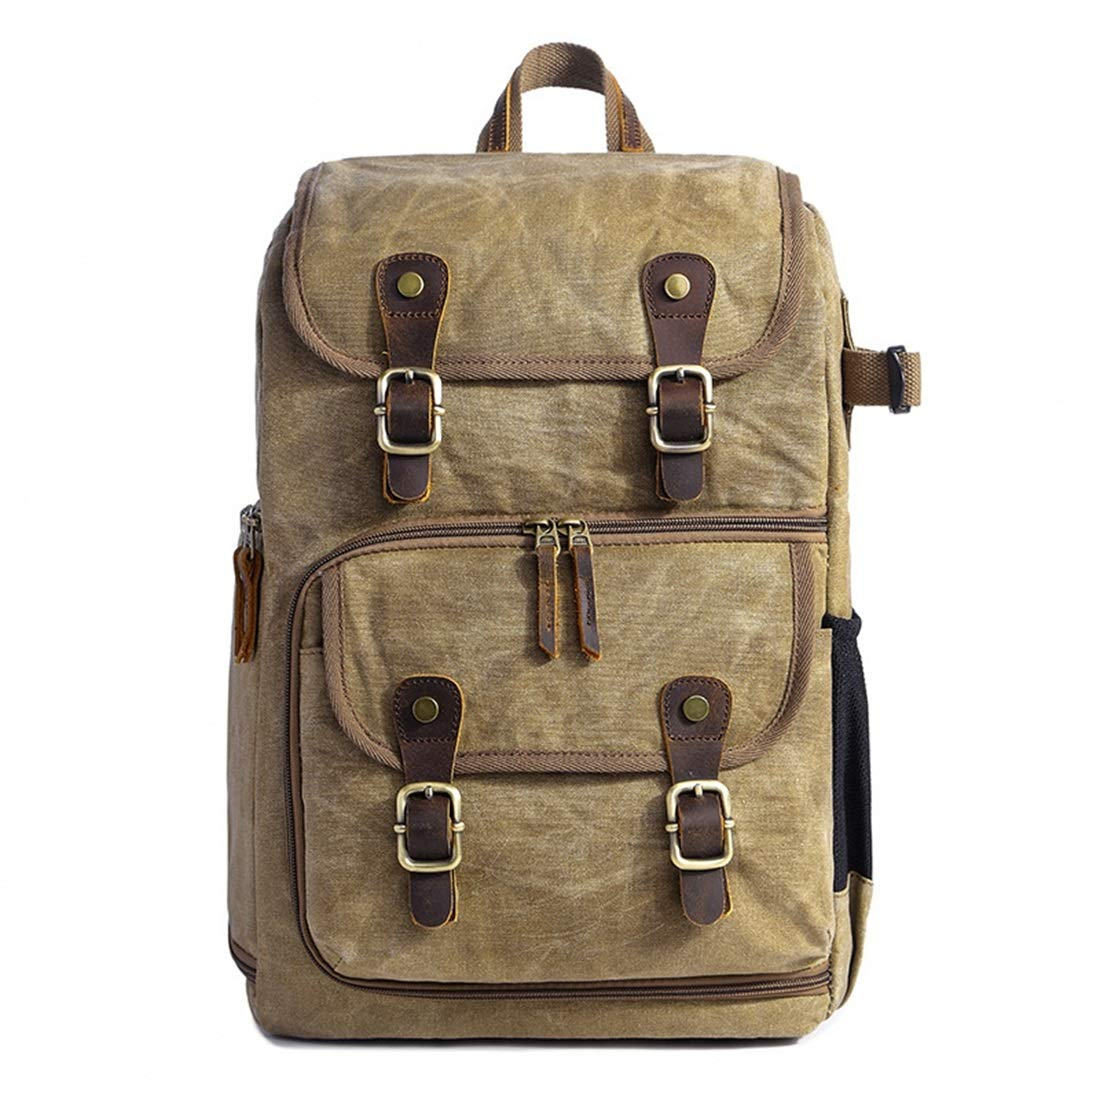 AIYAMAYA Photography Camera SLR Shoulder Photography Backpack Waterproof Large Capacity Batik Backpack Outdoor Bag